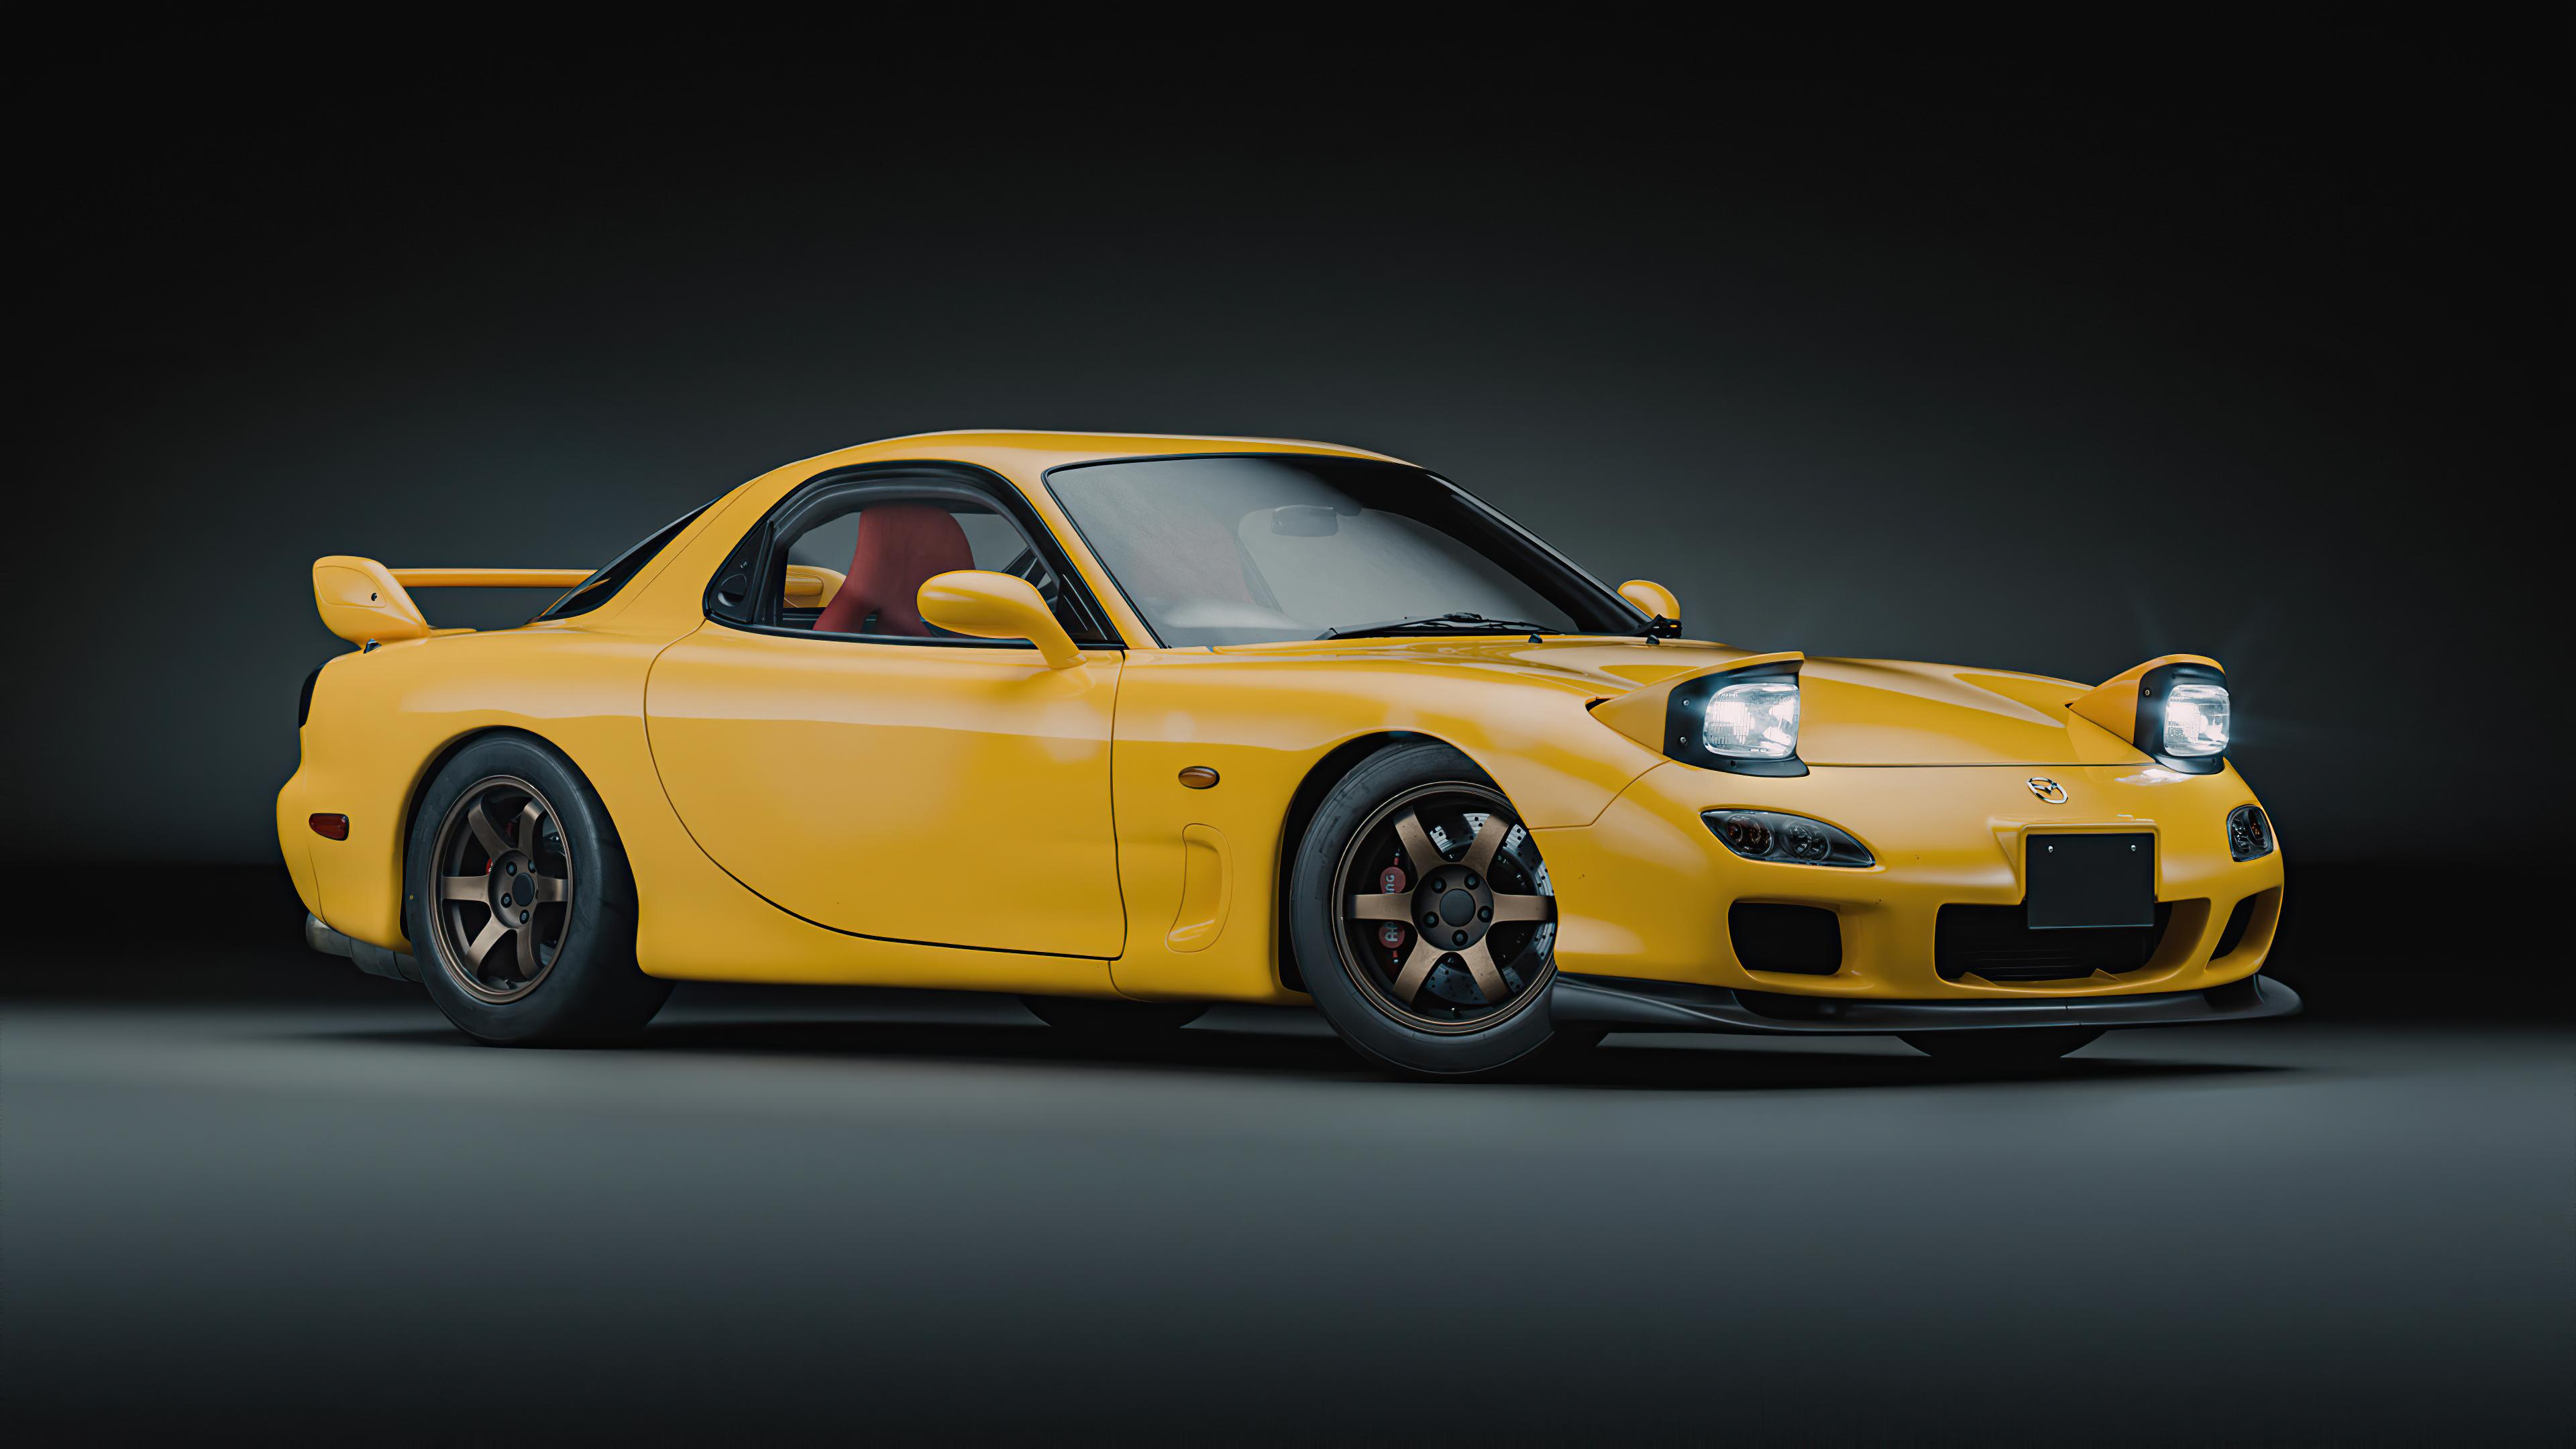 2002 mazda rx 7 spirit r 4k 1608916304 - 2002 Mazda RX 7 Spirit R 4k - 2002 Mazda RX 7 Spirit R 4k wallpapers